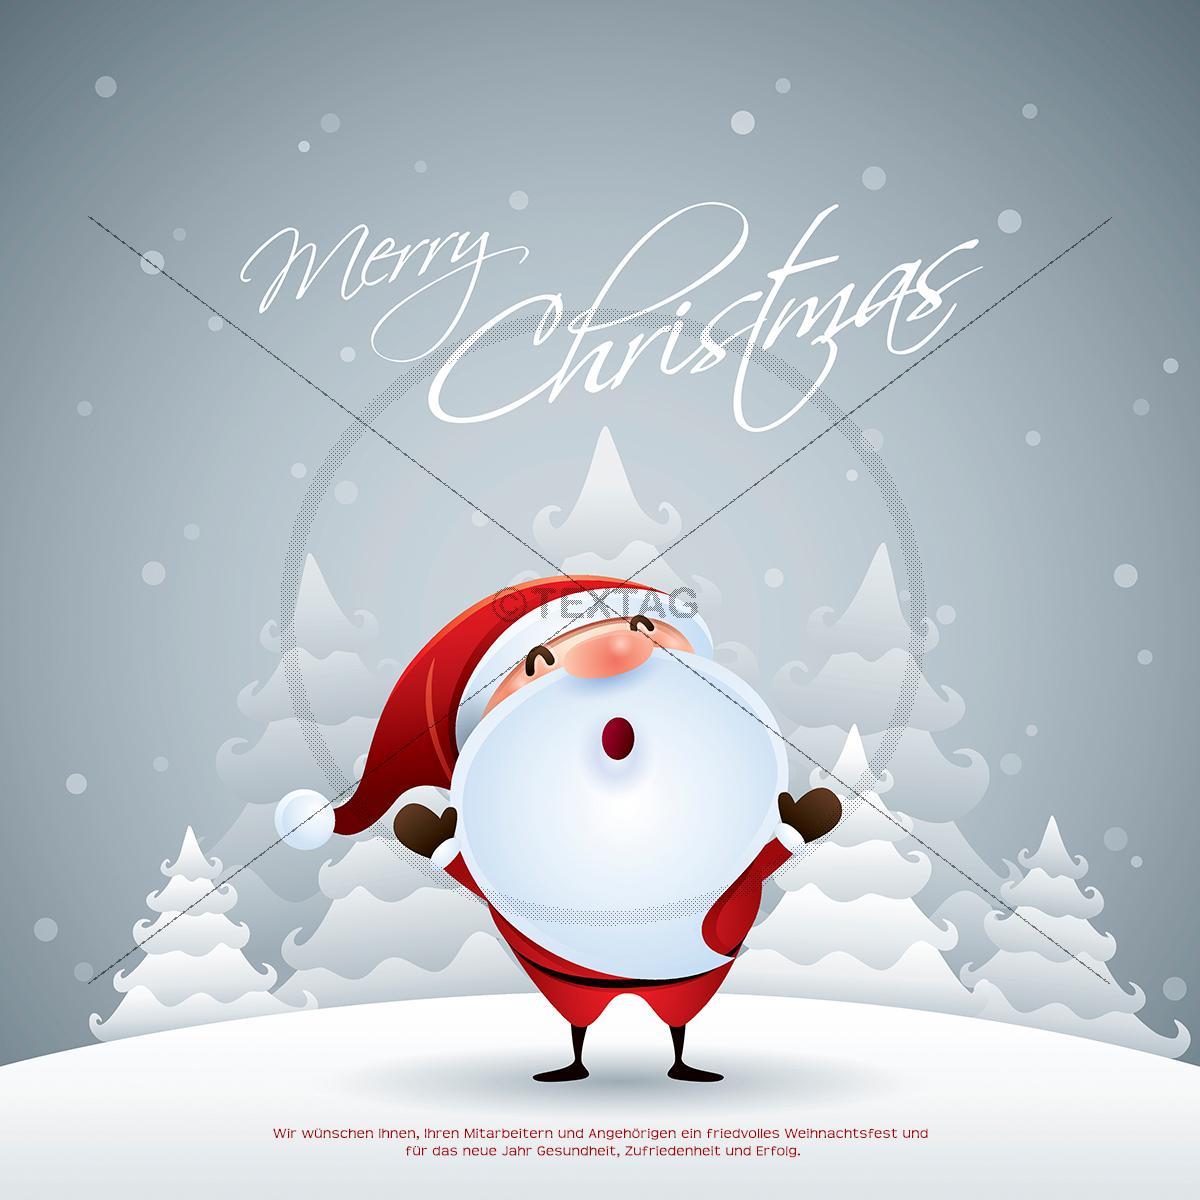 lustige gesch ftliche weihnachts ecard mit weihnachtsmann